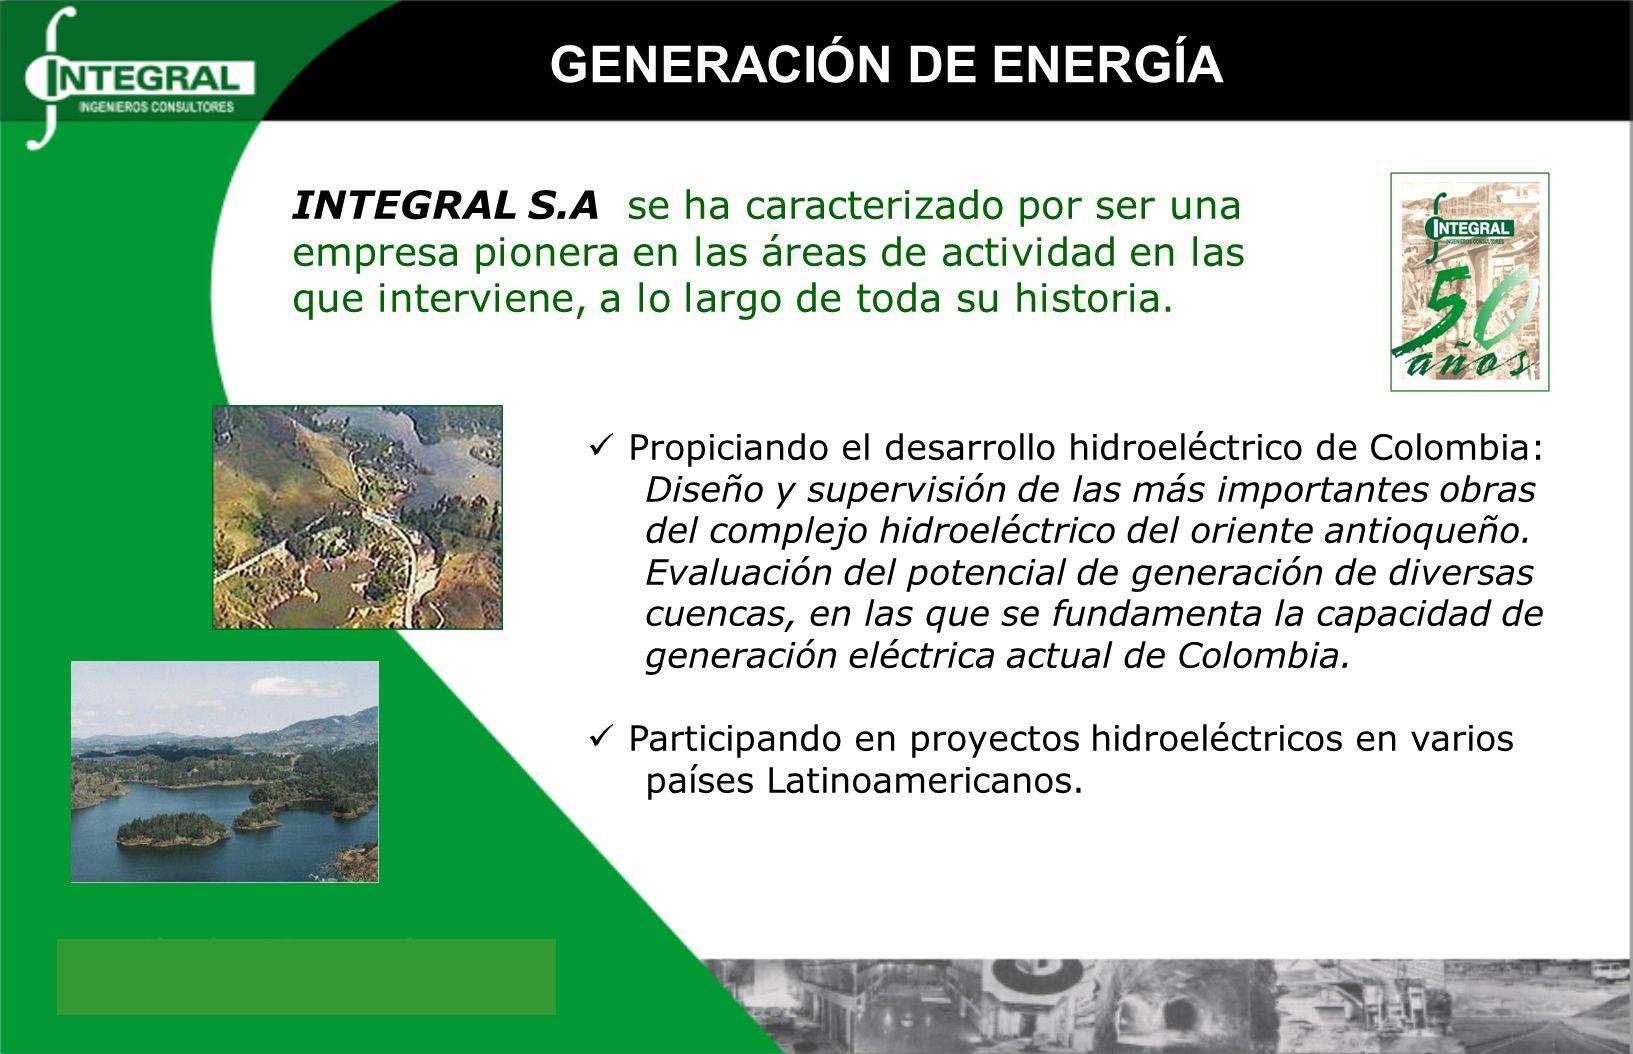 Propiciando el desarrollo hidroeléctrico de Colombia: Diseño y supervisión de las más importantes obras del complejo hidroeléctrico del oriente antioq